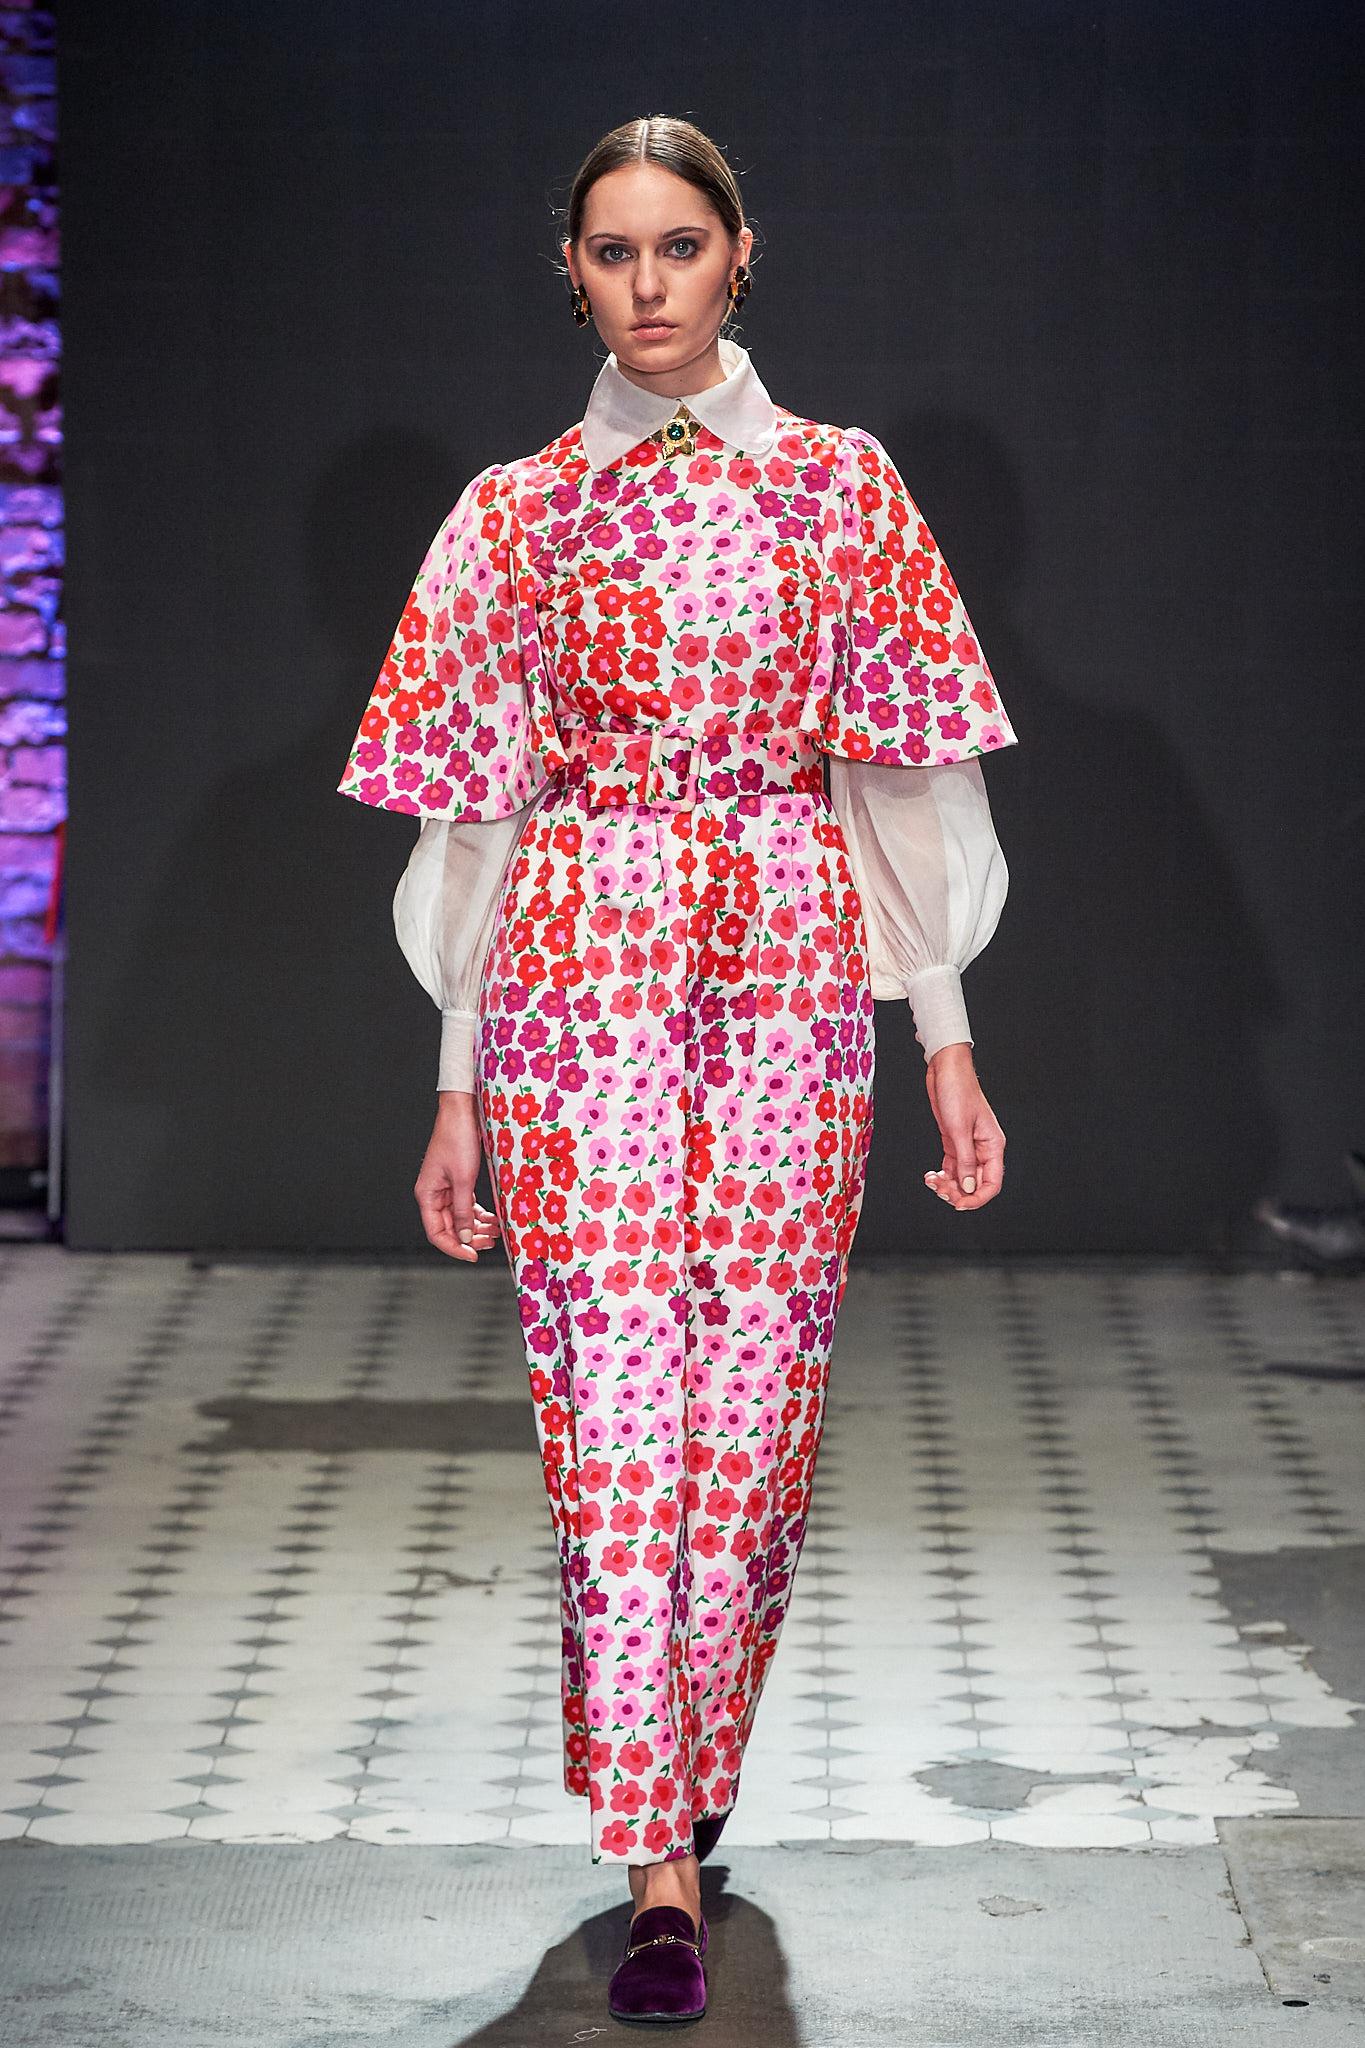 9_KTW_DAY1_111019_ADAM-LEJA_lowres-fotFilipOkopny-FashionImages